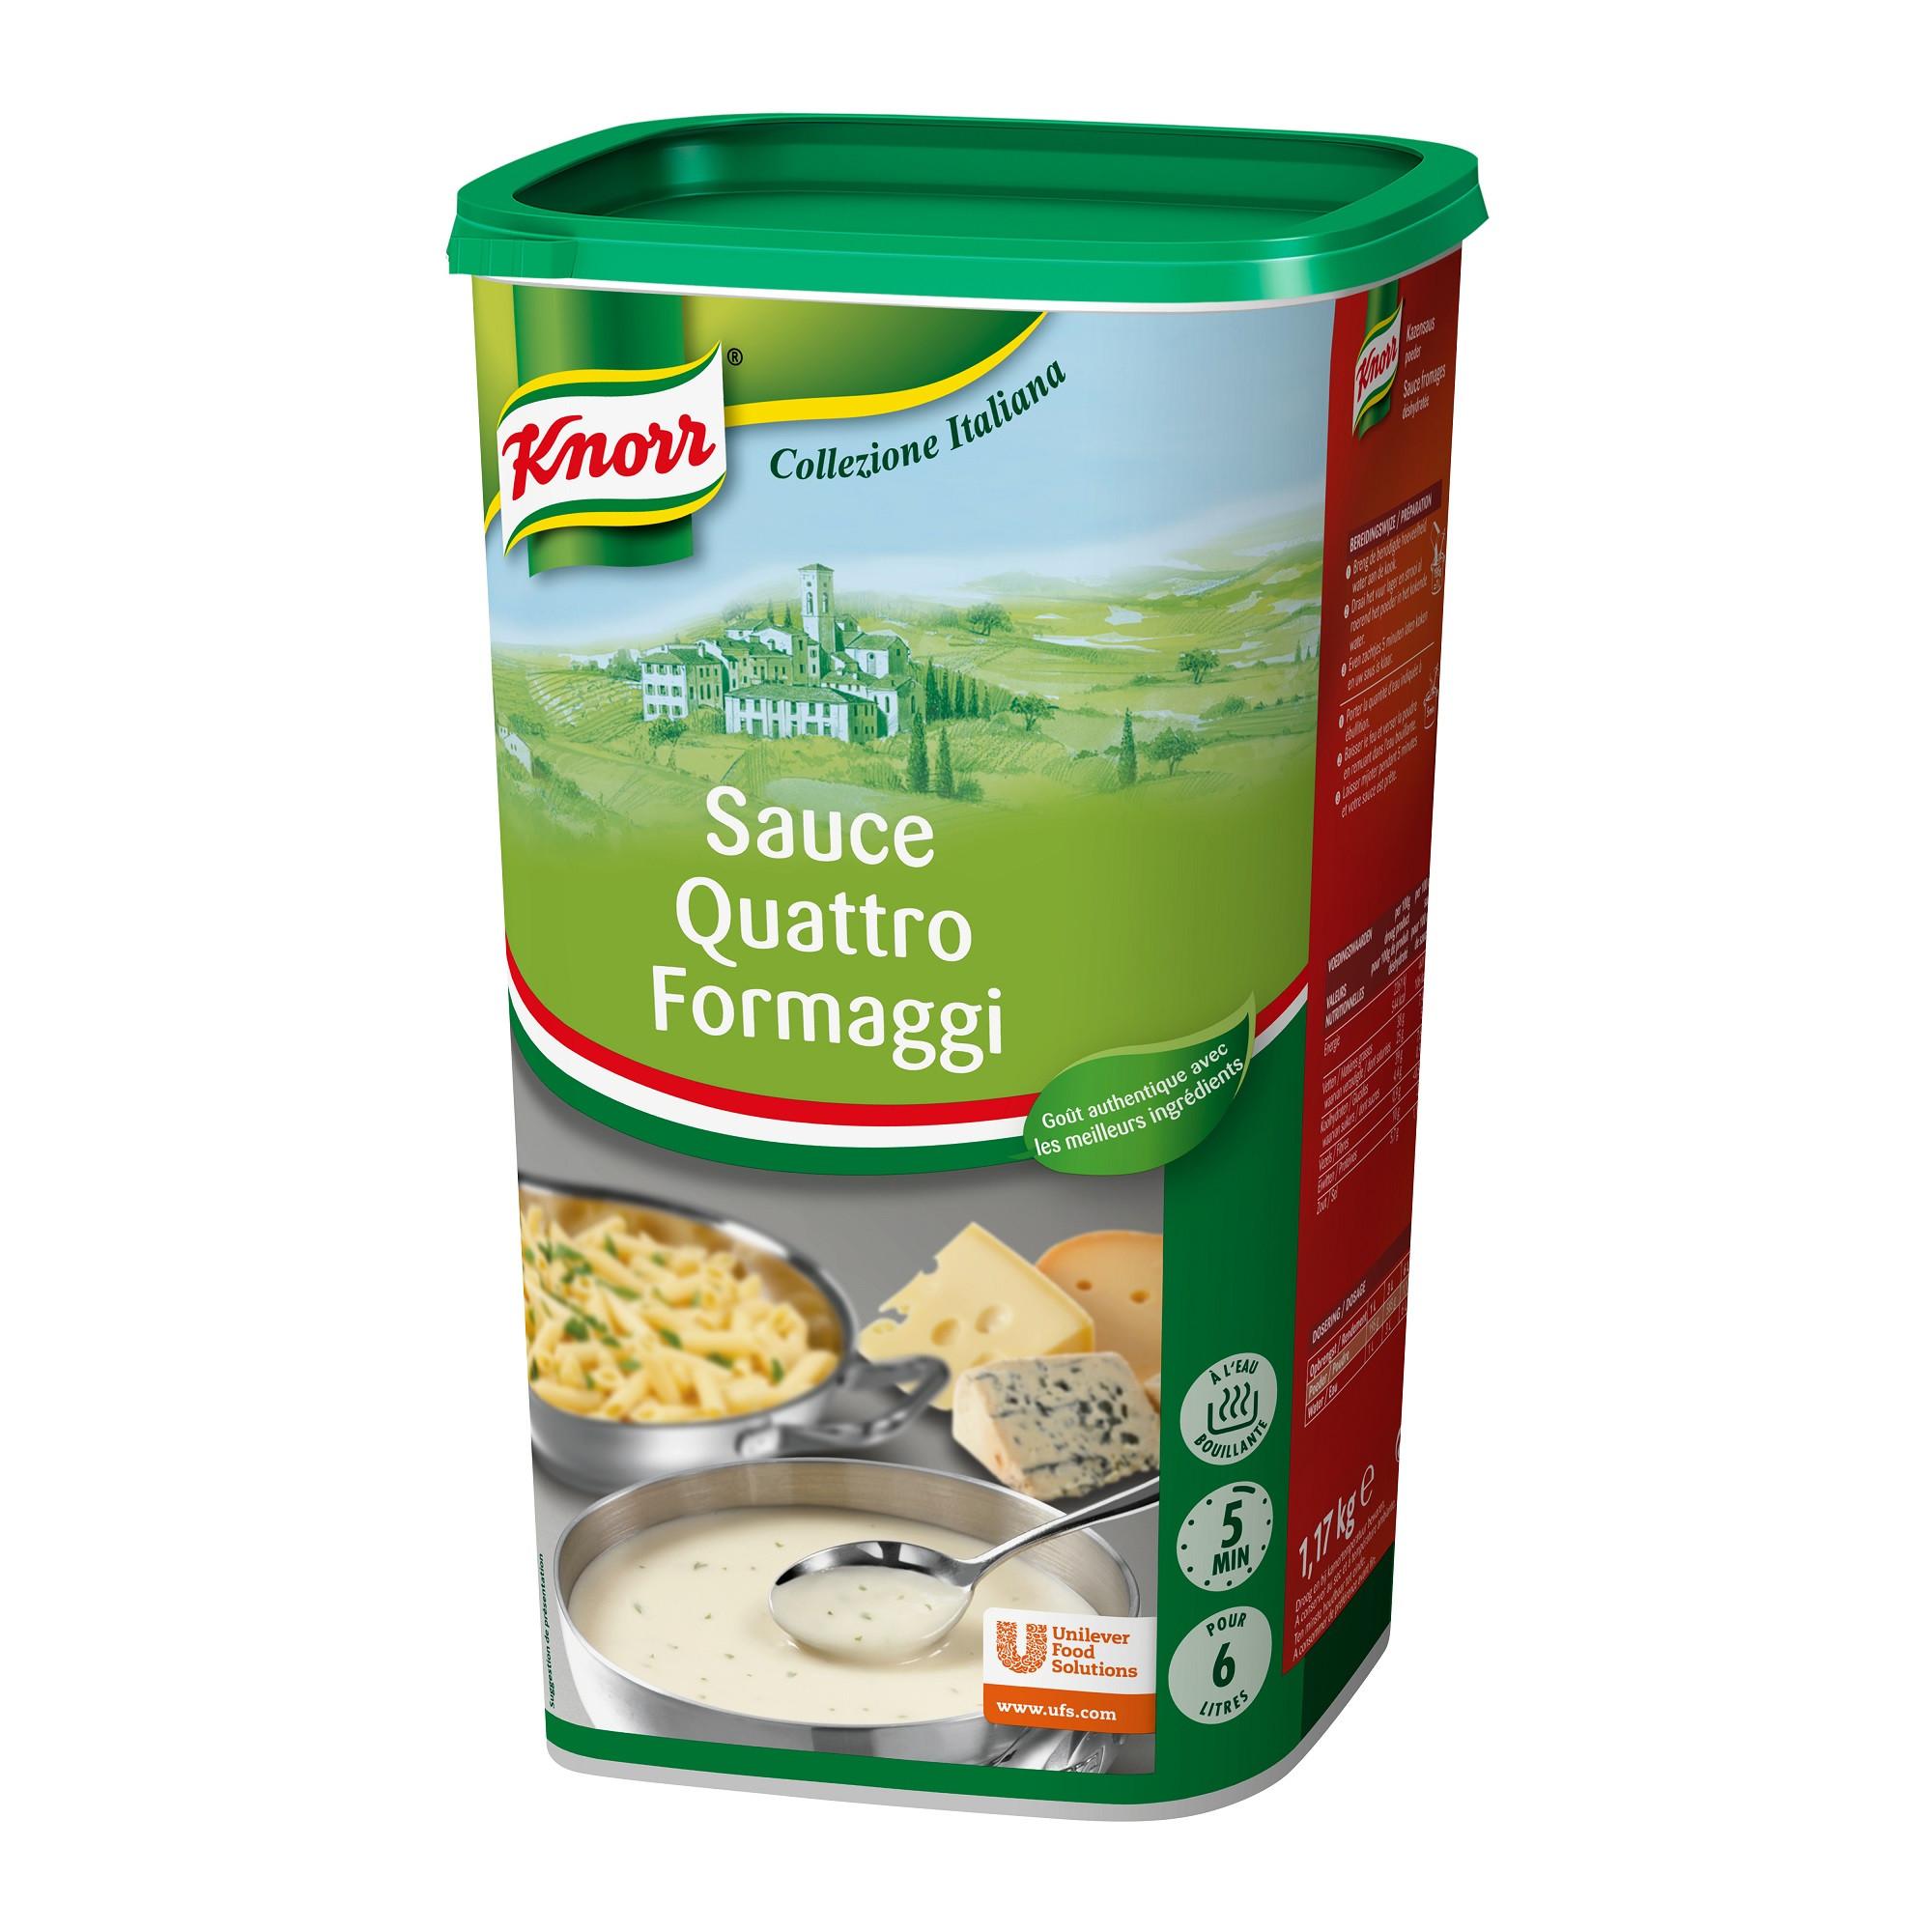 Quattro Formaggi sauce 1.17kg Knorr Collezione Italiano